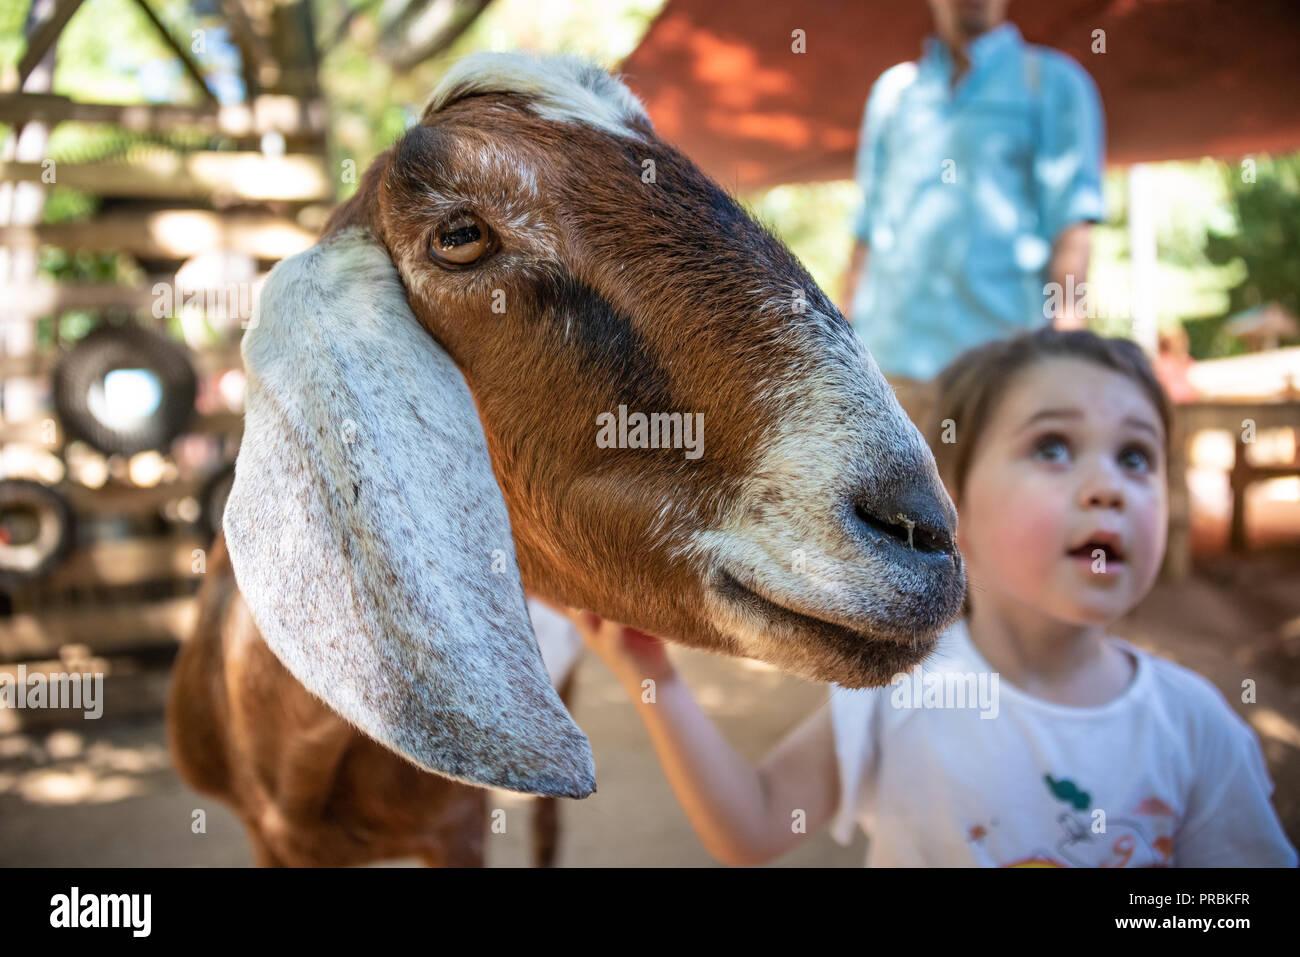 Niño acariciar a una cabra en el zoológico de Atlanta's Outback Station Zoo infantil acariciándole zona cerca del centro de Atlanta, Georgia. (Ee.Uu.) Imagen De Stock